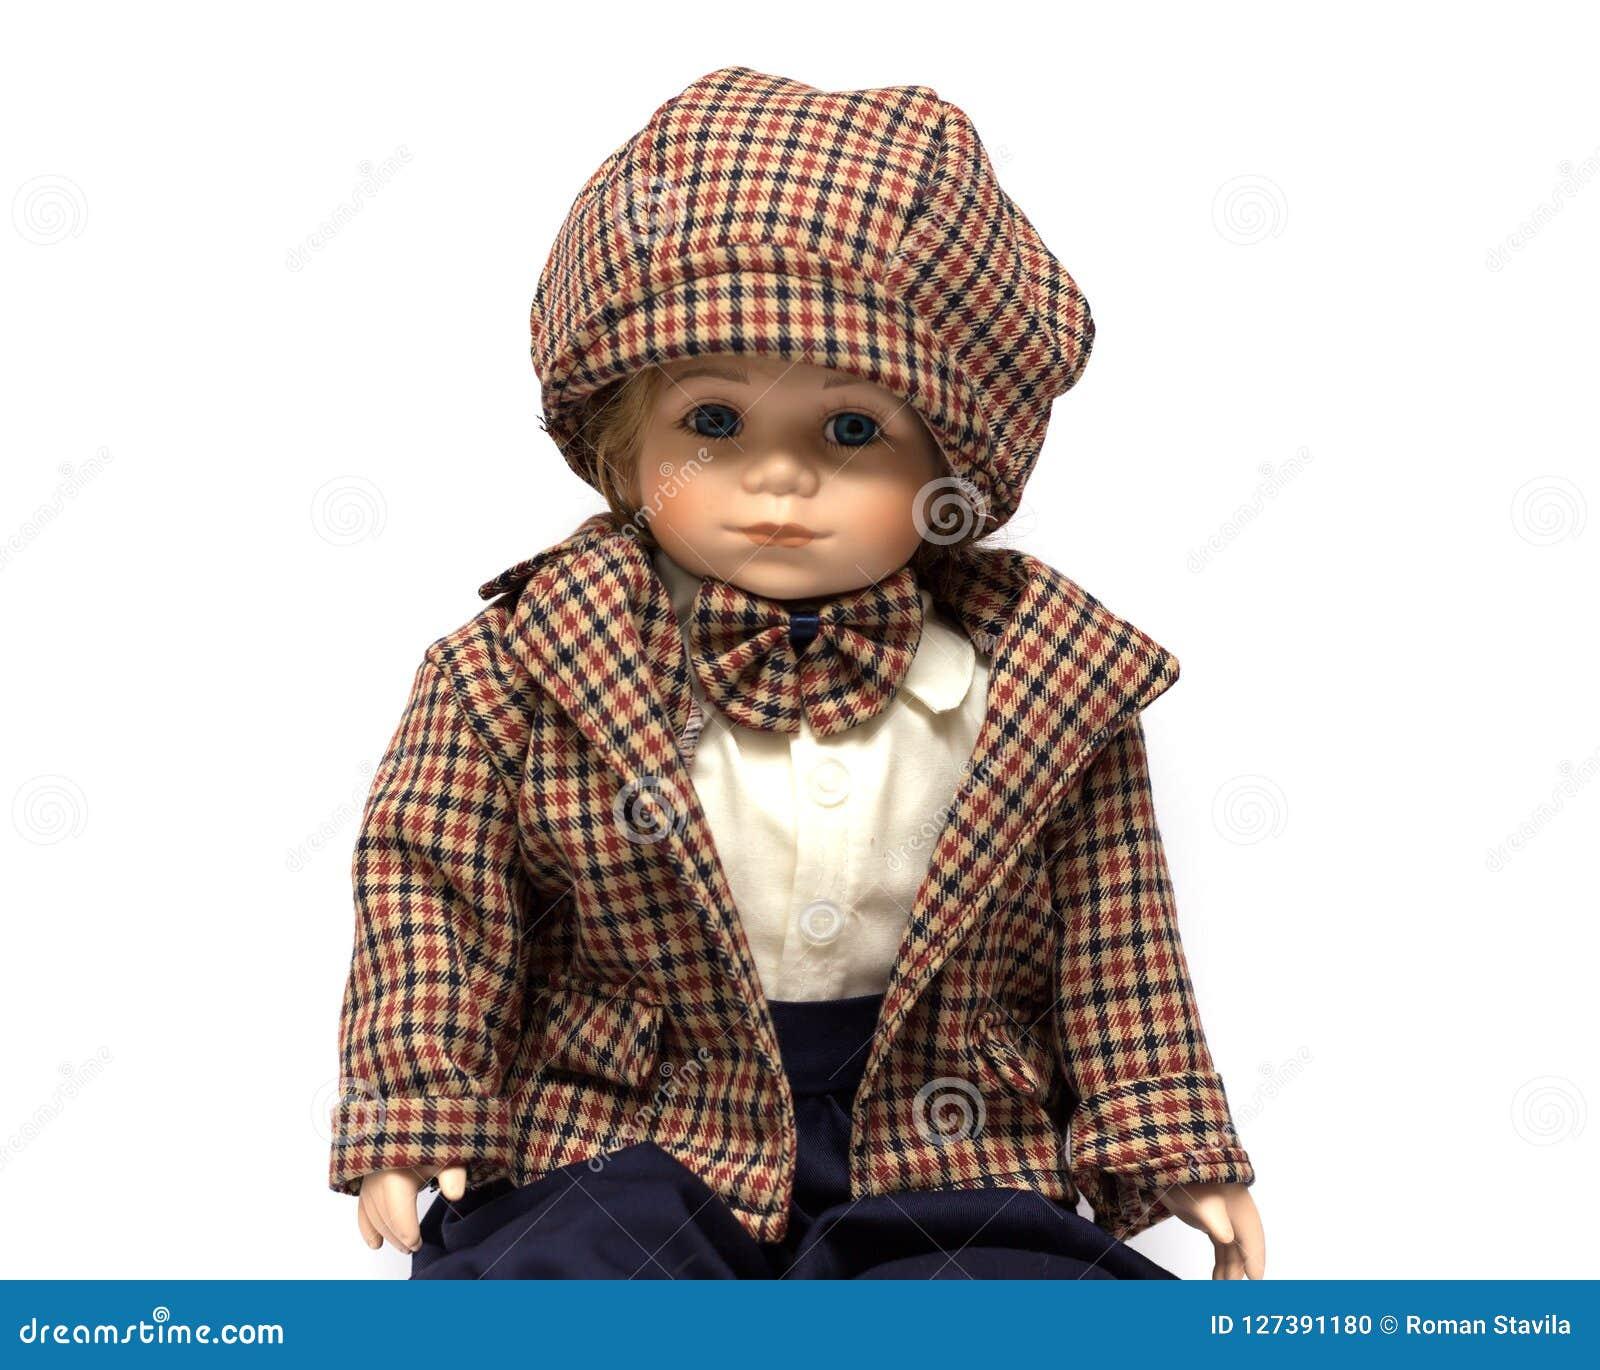 Boneca feito a mão do vintage da porcelana cerâmica do menino moreno com cabelo encaracolado